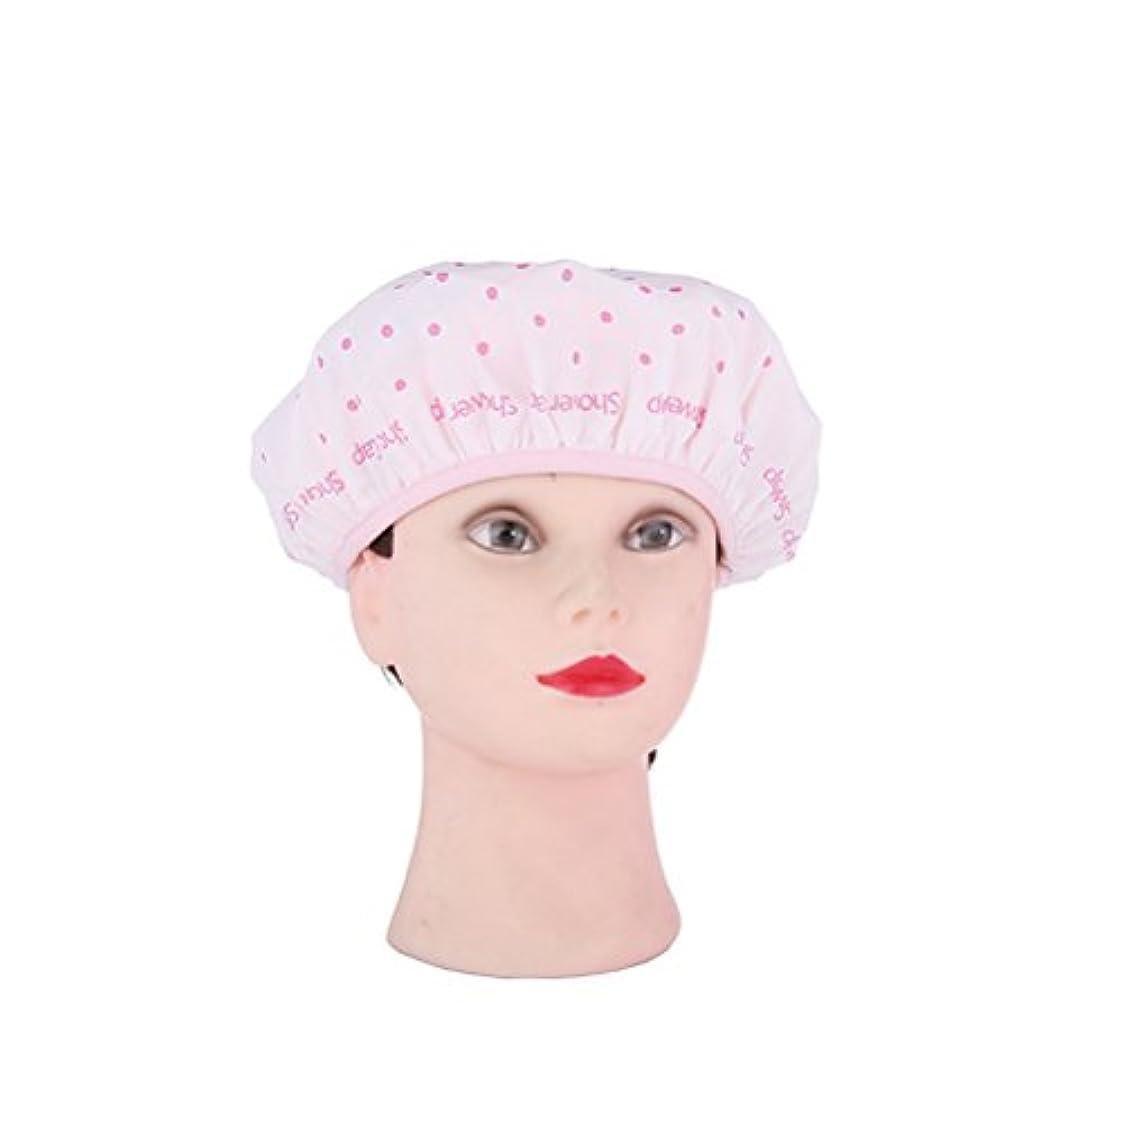 スケッチ変装二ROSENICE シャワーキャップ防水性モールド抵抗性の洗えるシャワーキャップかわいいやわらかい髪の帽子(ピンク)